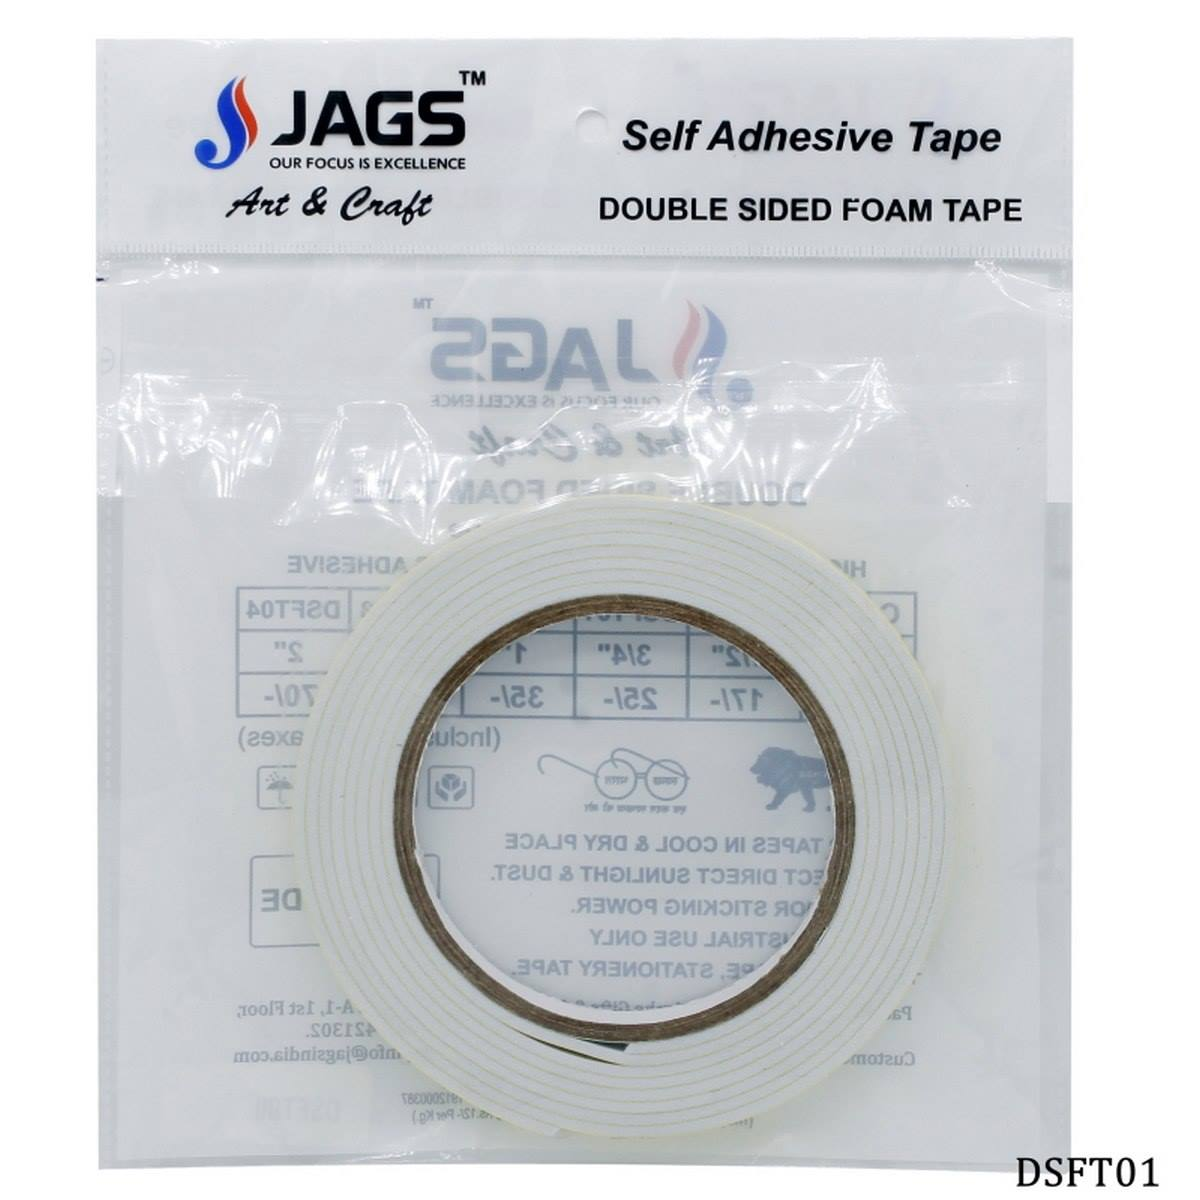 Double Side Foam Tape (15mmx2 cm)